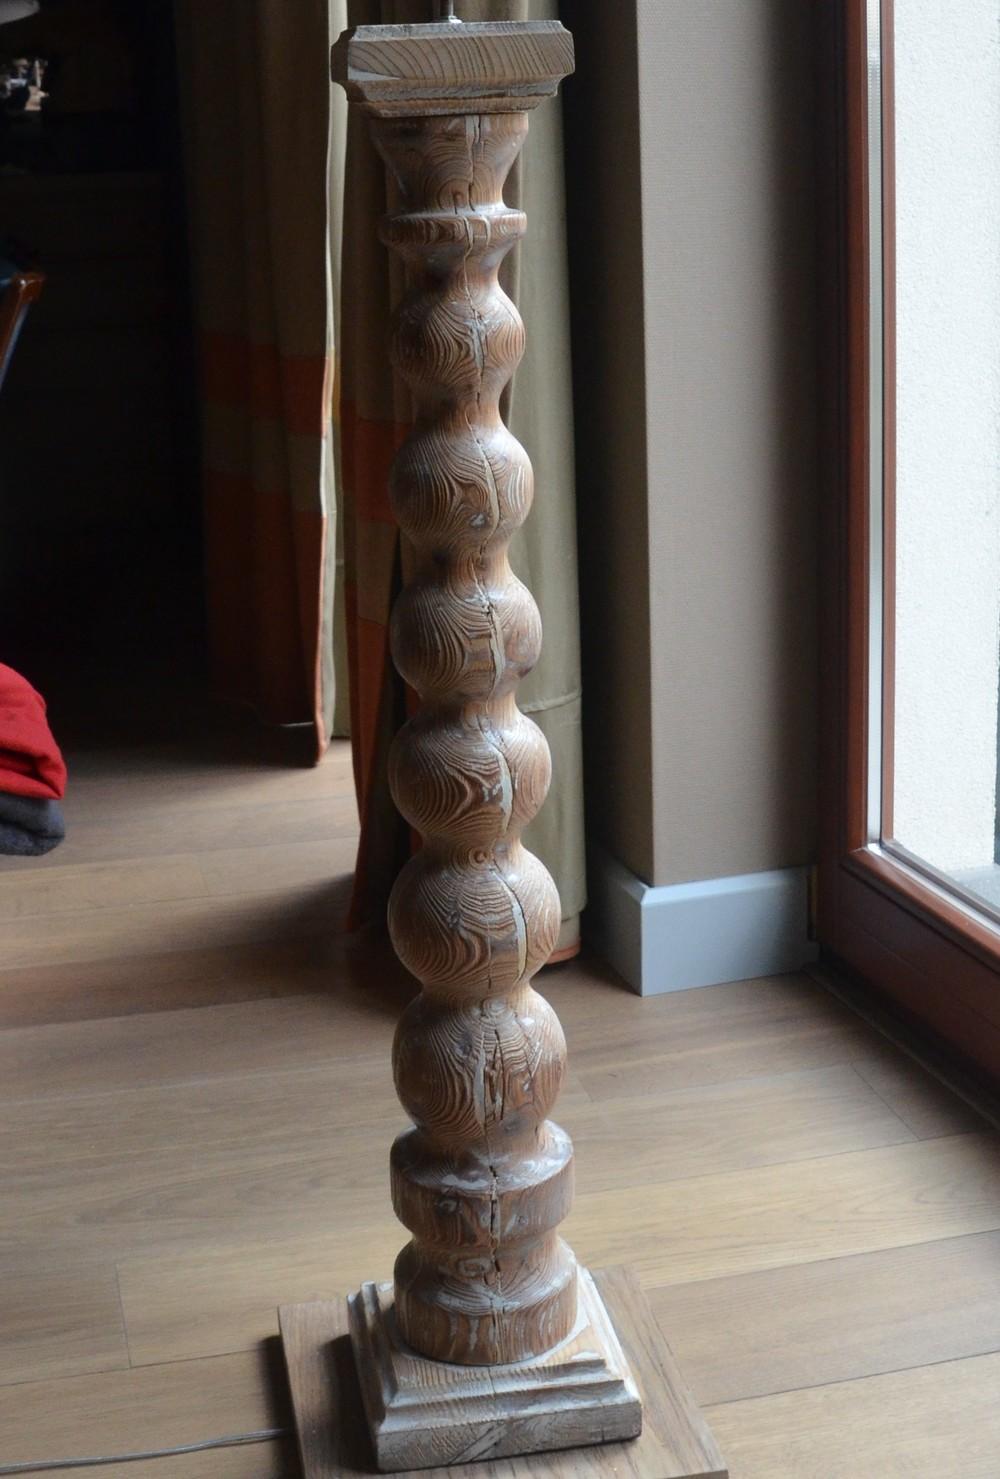 Lampy podłogowe zrobione ze starych tralek balustrad kupionych na allegro